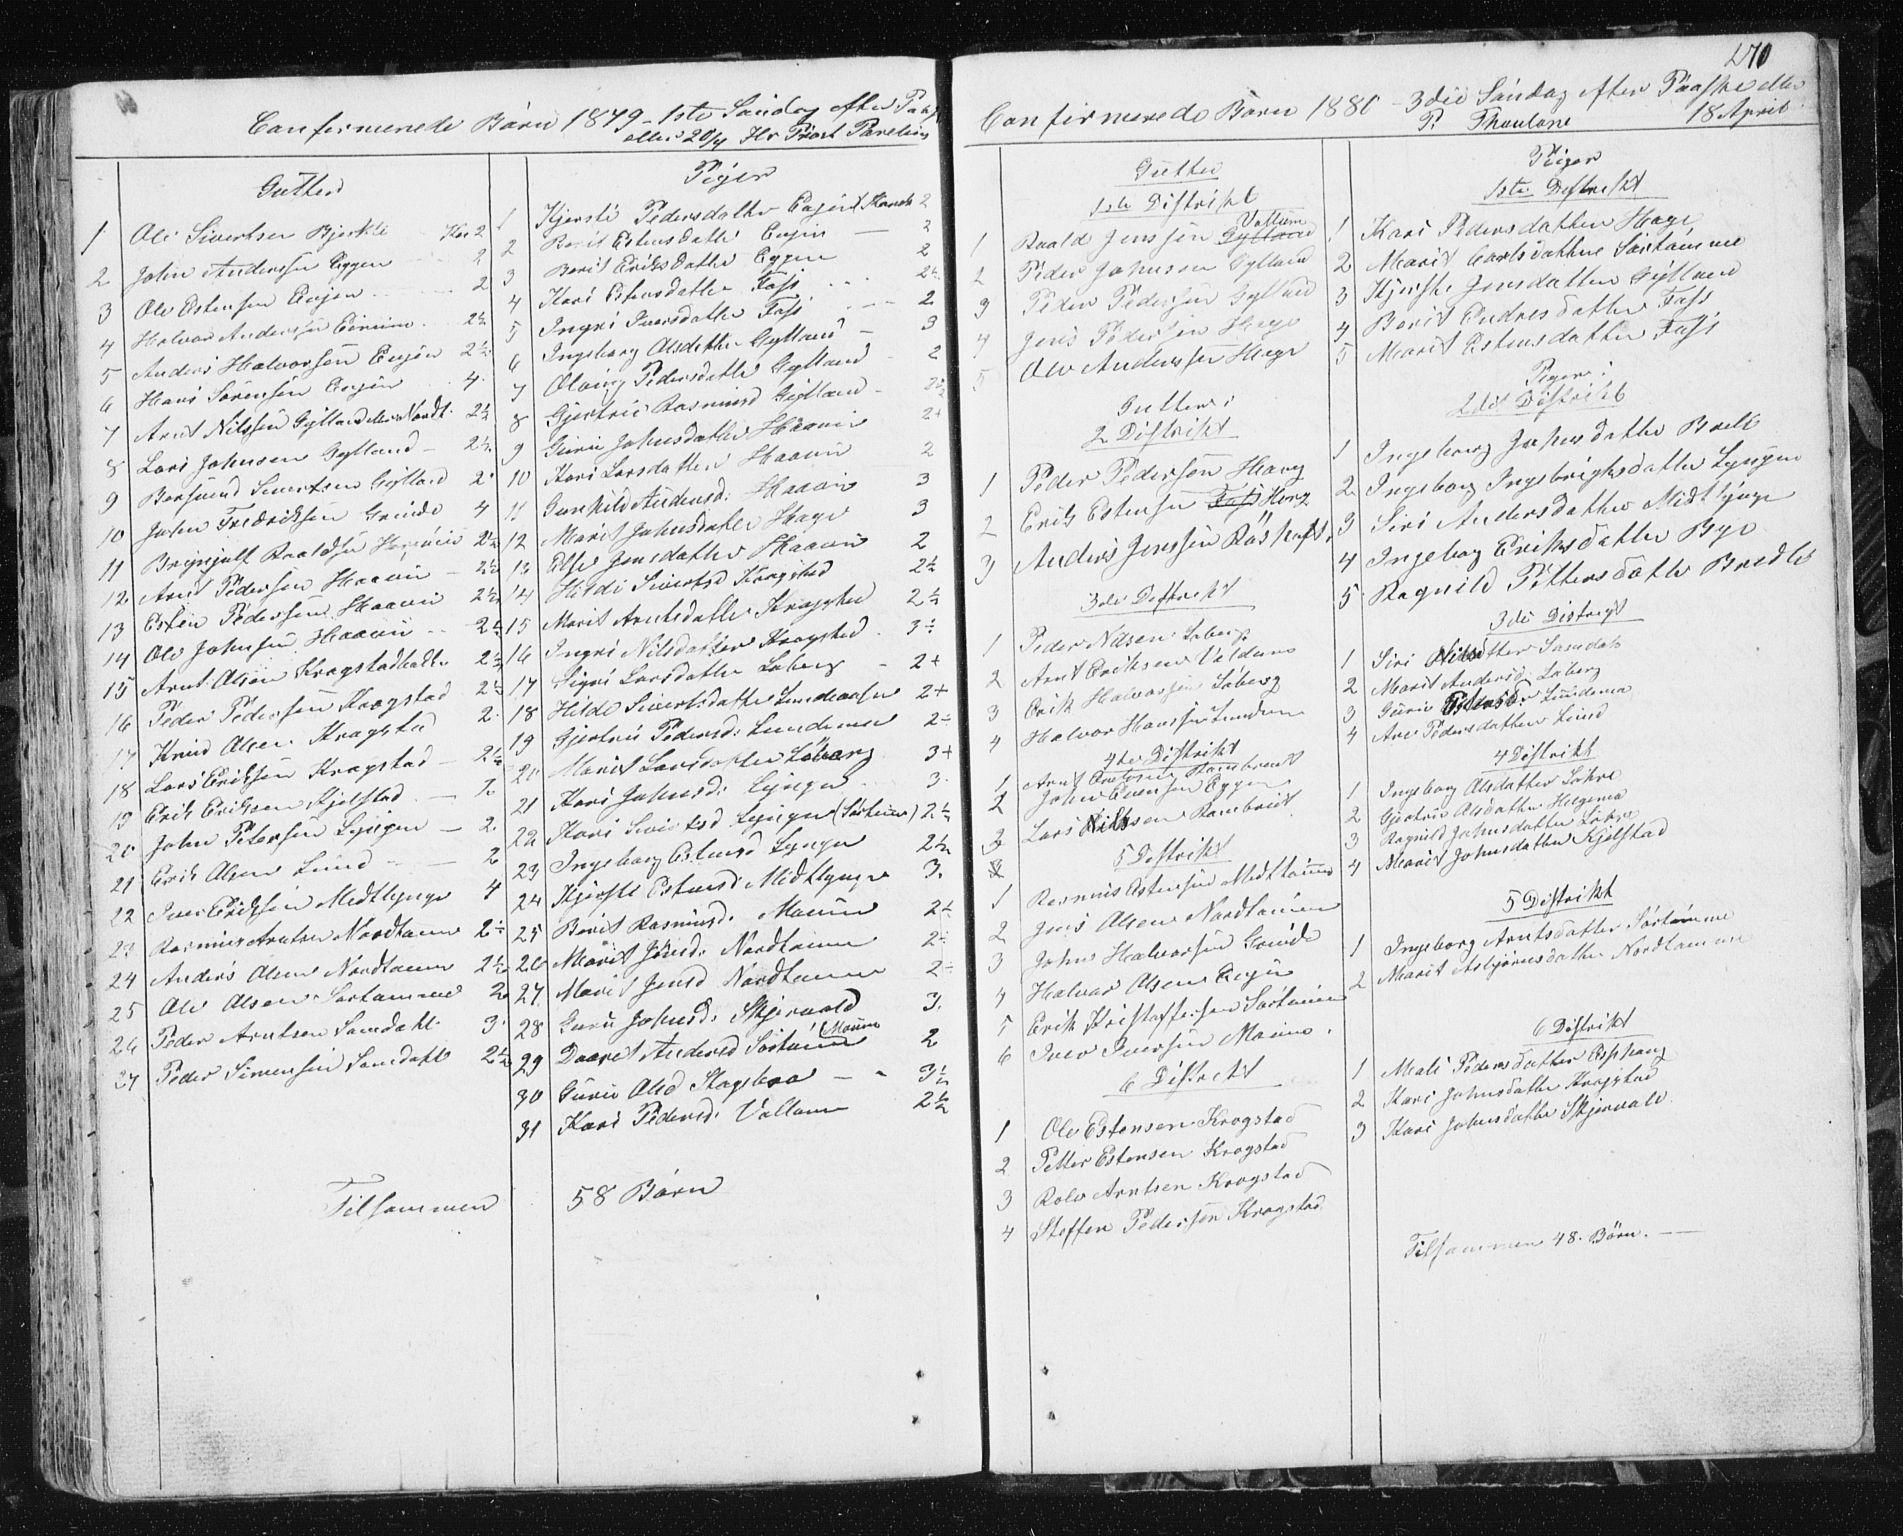 SAT, Ministerialprotokoller, klokkerbøker og fødselsregistre - Sør-Trøndelag, 692/L1110: Klokkerbok nr. 692C05, 1849-1889, s. 270